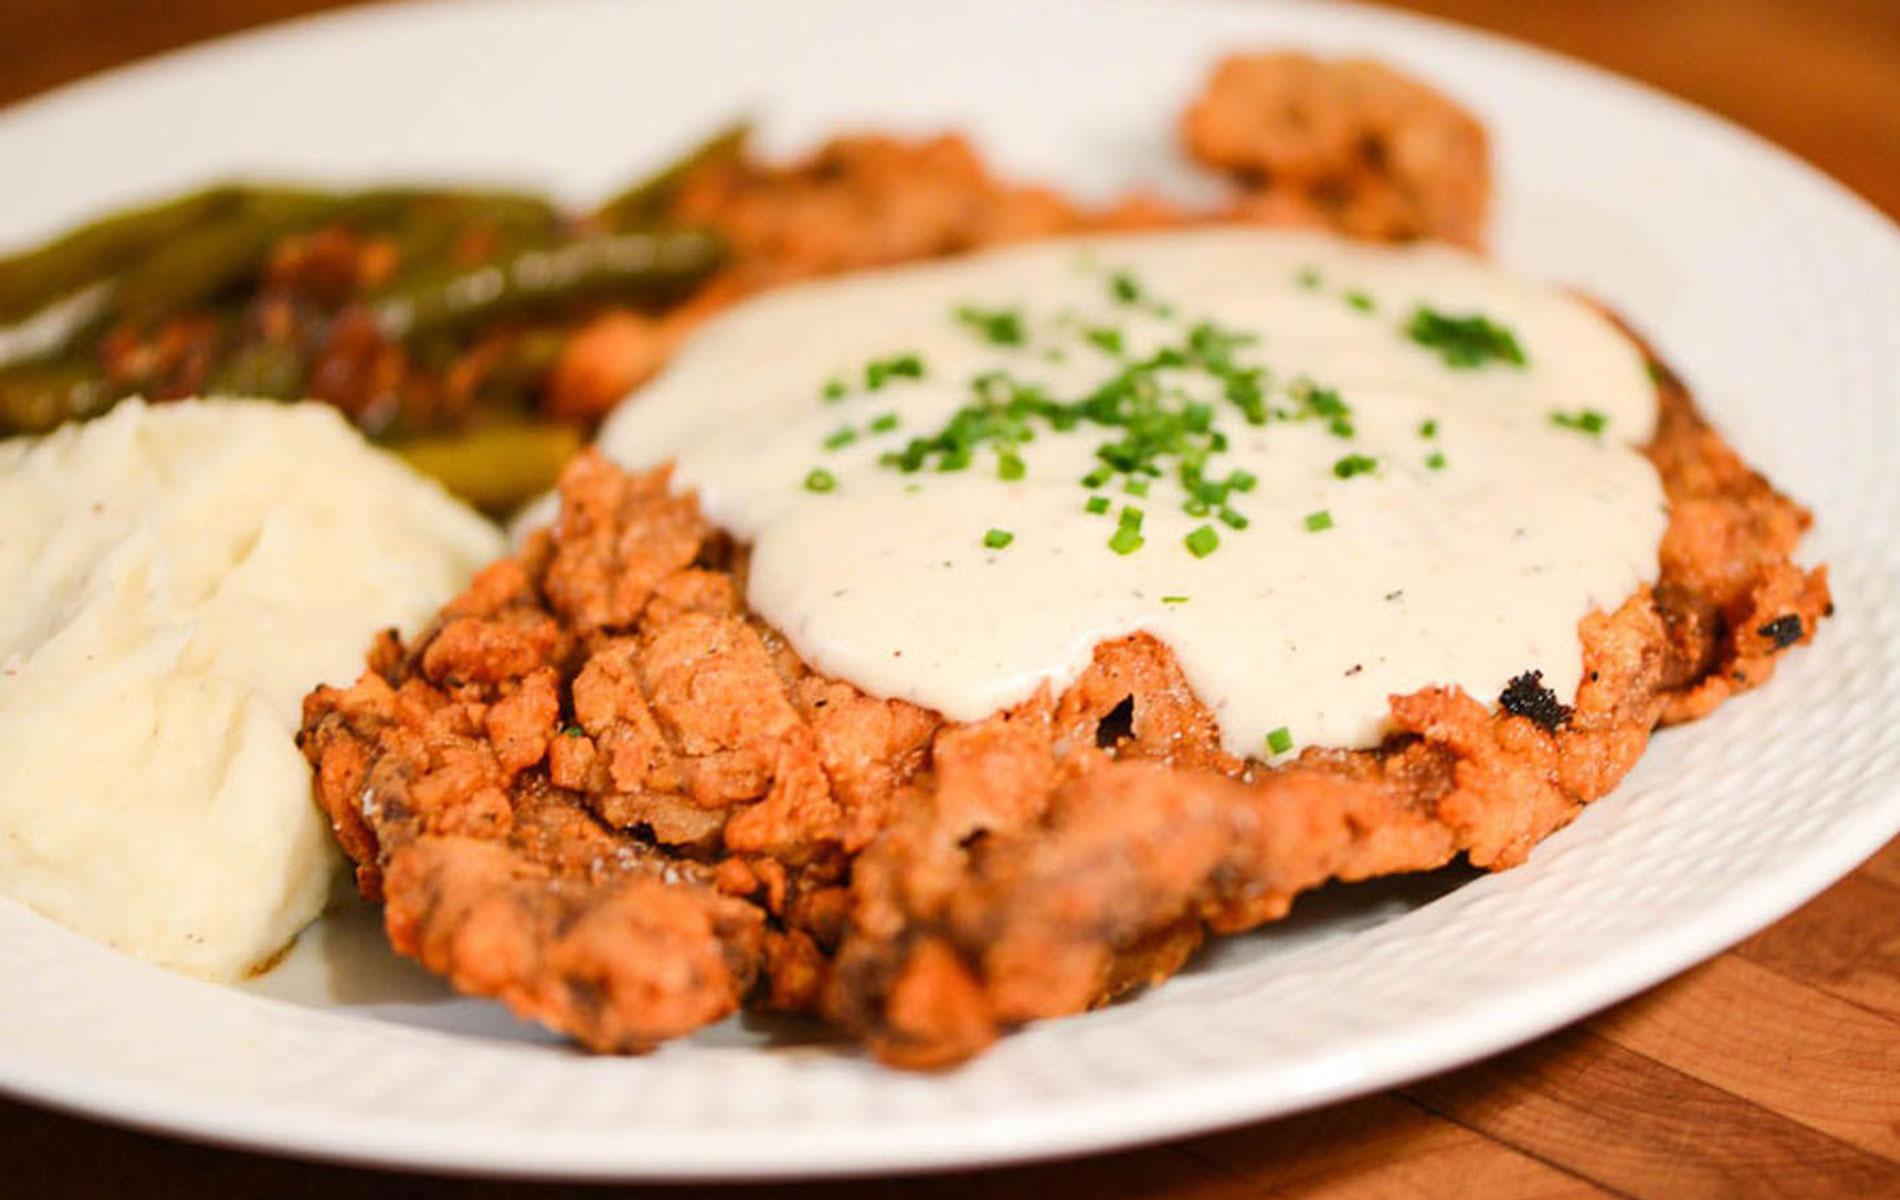 ChickenFried_Steak